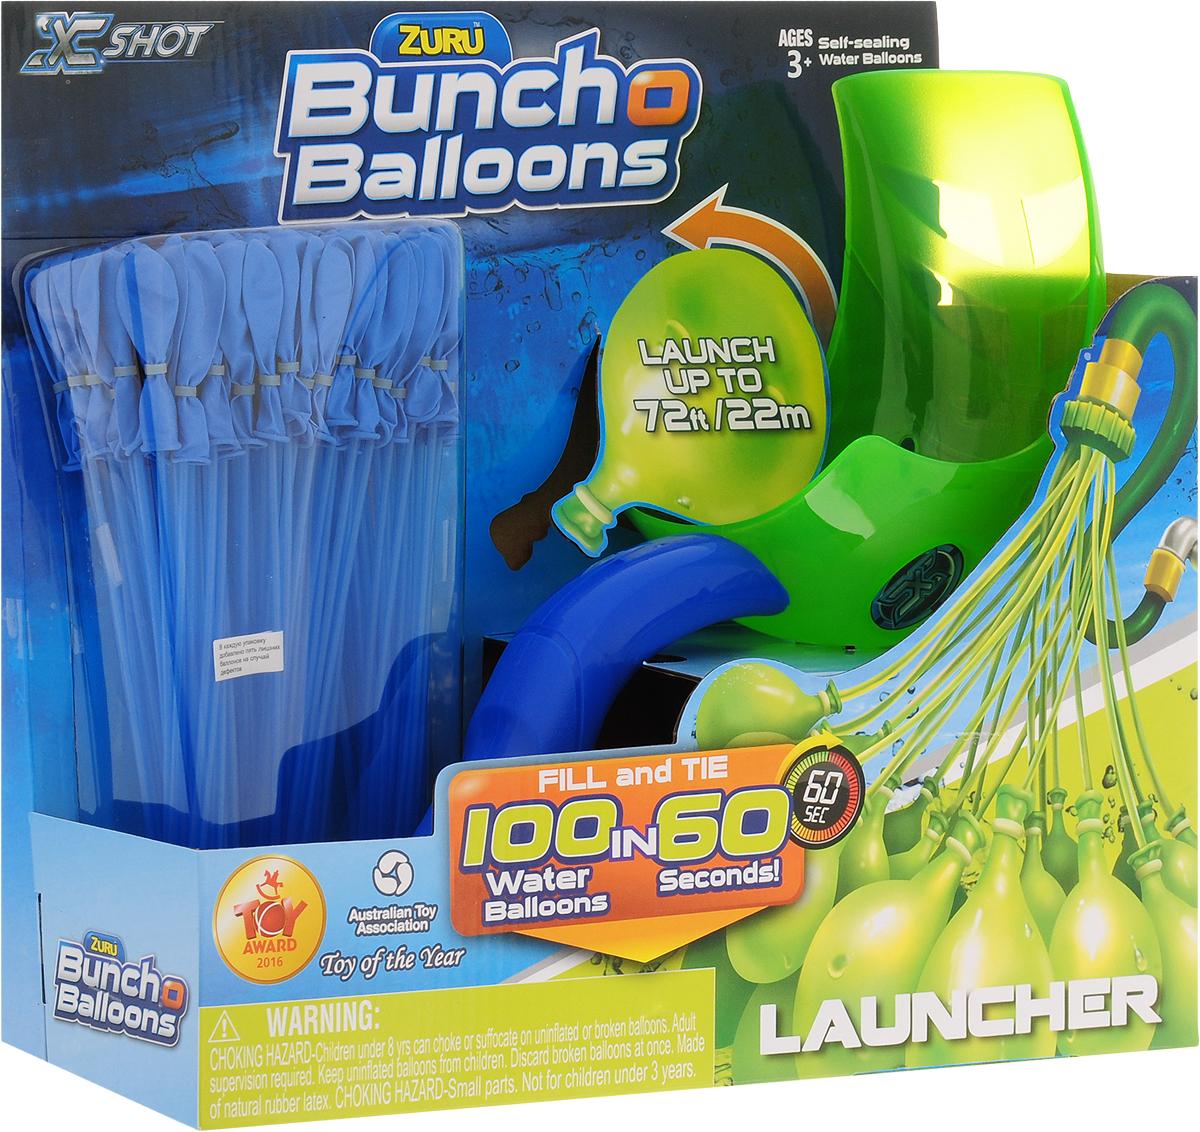 Zuru Водяное оружие Bunch O Balloons с пусковым устройством цвет зеленый синий игровой набор bunch o balloons zuru стартовый набор миньоны из 100 шаров z5653